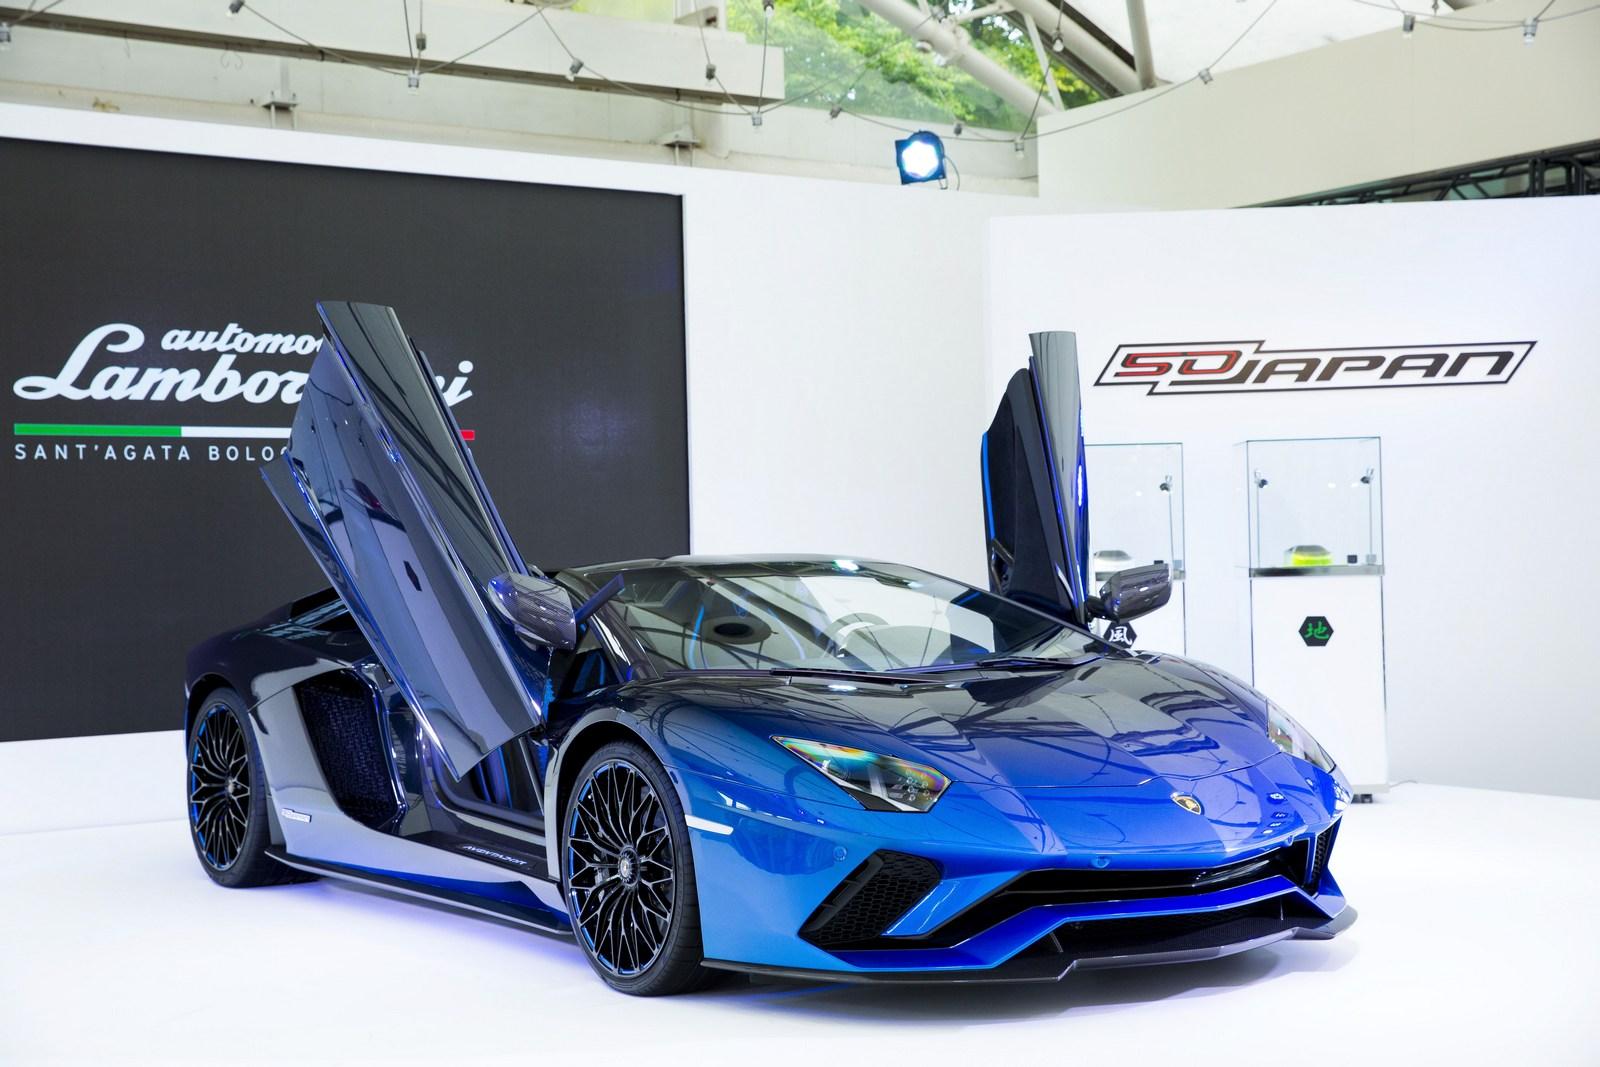 Lamborghini Aventador S Roadster For Japan (13)